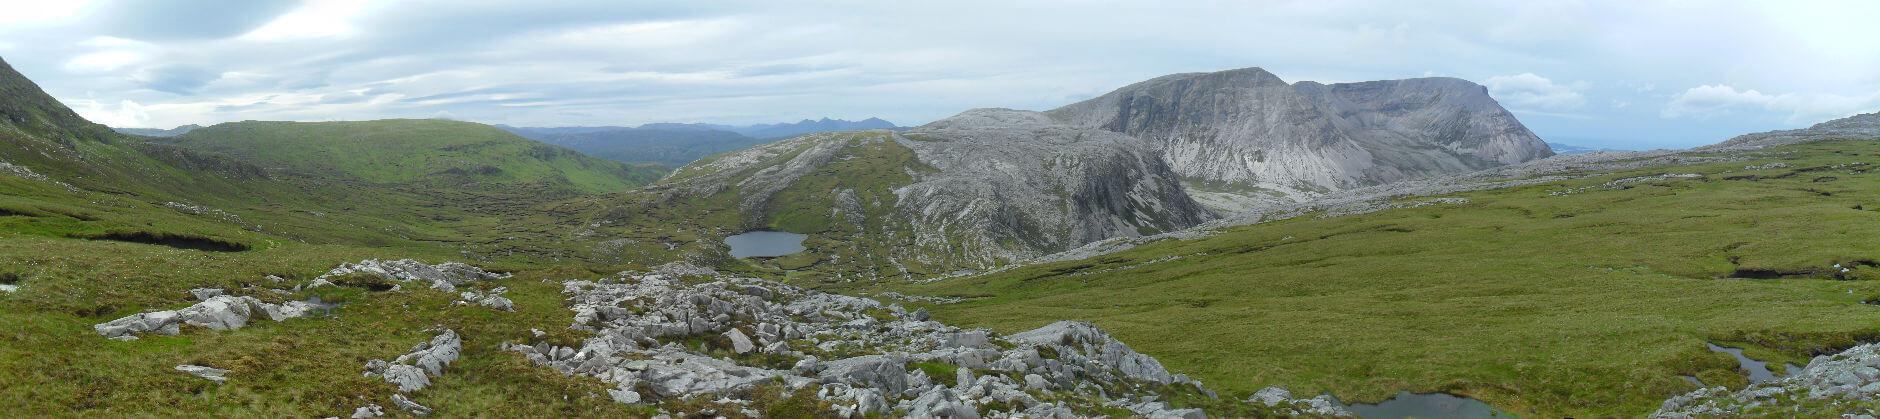 und dann erreiche ich Bealach Horn mit grandioser Aussicht nach Südwesten. Der Berg rechts ist der Arkle (787m), rechts davon kann man einen Streifen Meer erahnen. In der Bildmitte am Horizont ist das Quinag-Massiv im Assynt, da will ich heute noch vorbei.